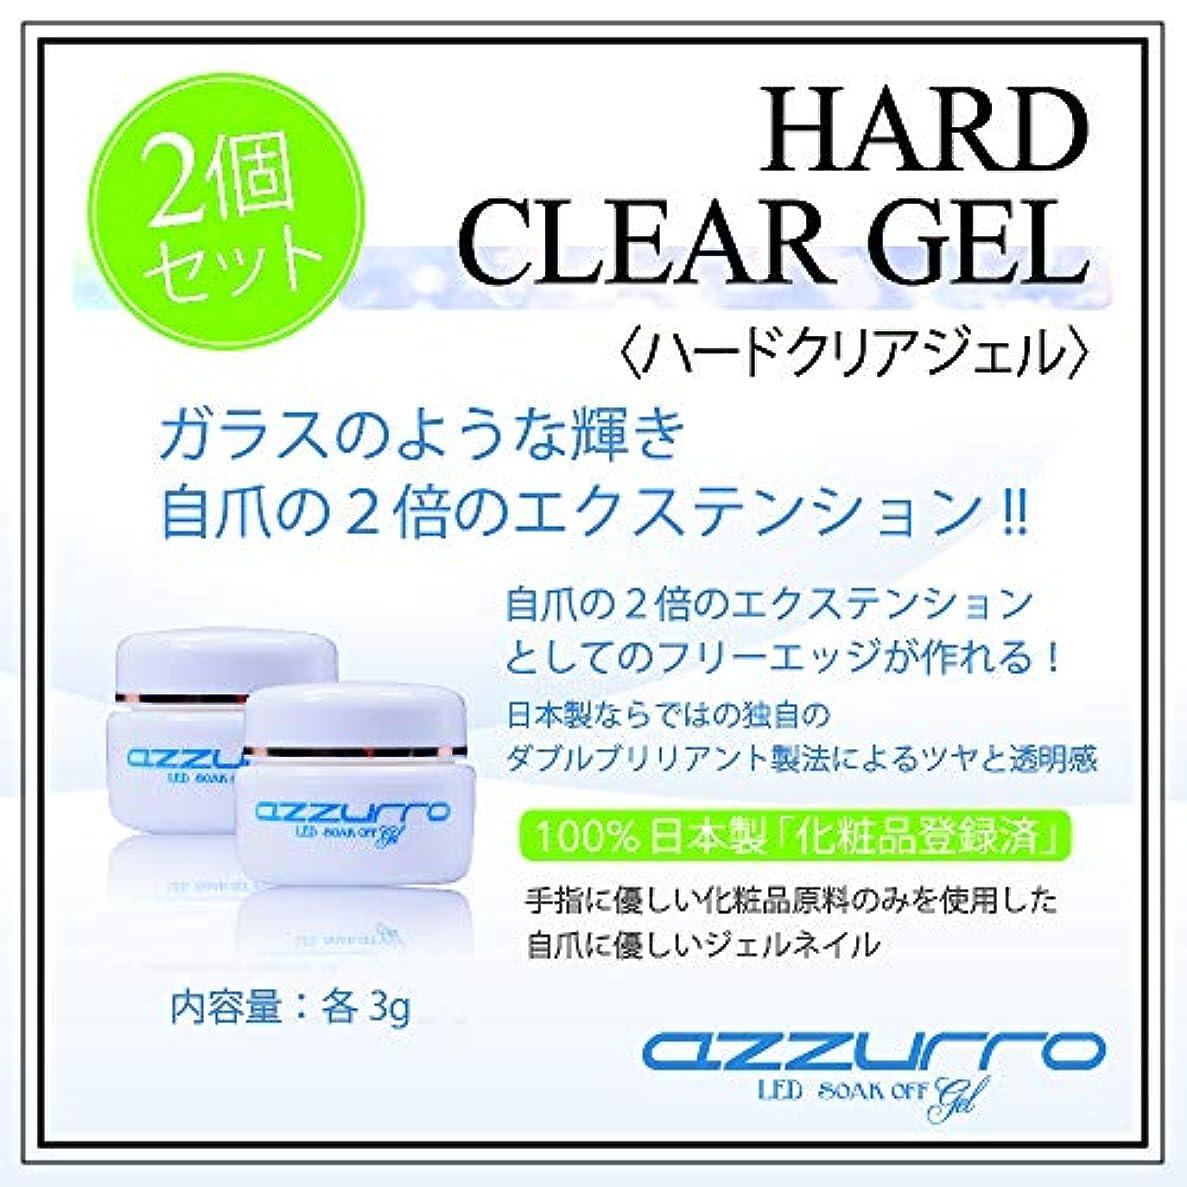 シーズンいま毒液azzurro gel アッズーロハードクリアージェル 3g お得な2個セット キラキラ感持続 抜群のツヤ